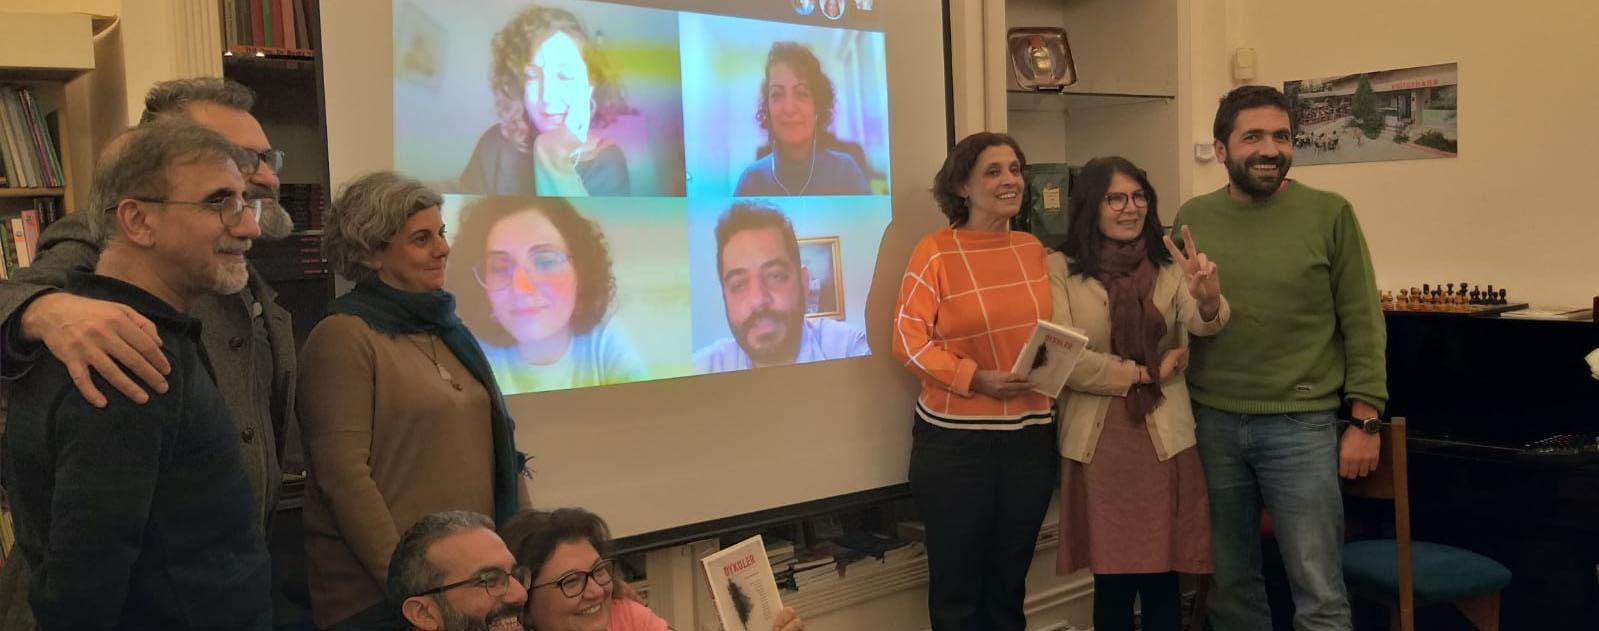 'Hudut Dışı Öyküler'in sürgündeki yazarları Kültürhane'de buluştu